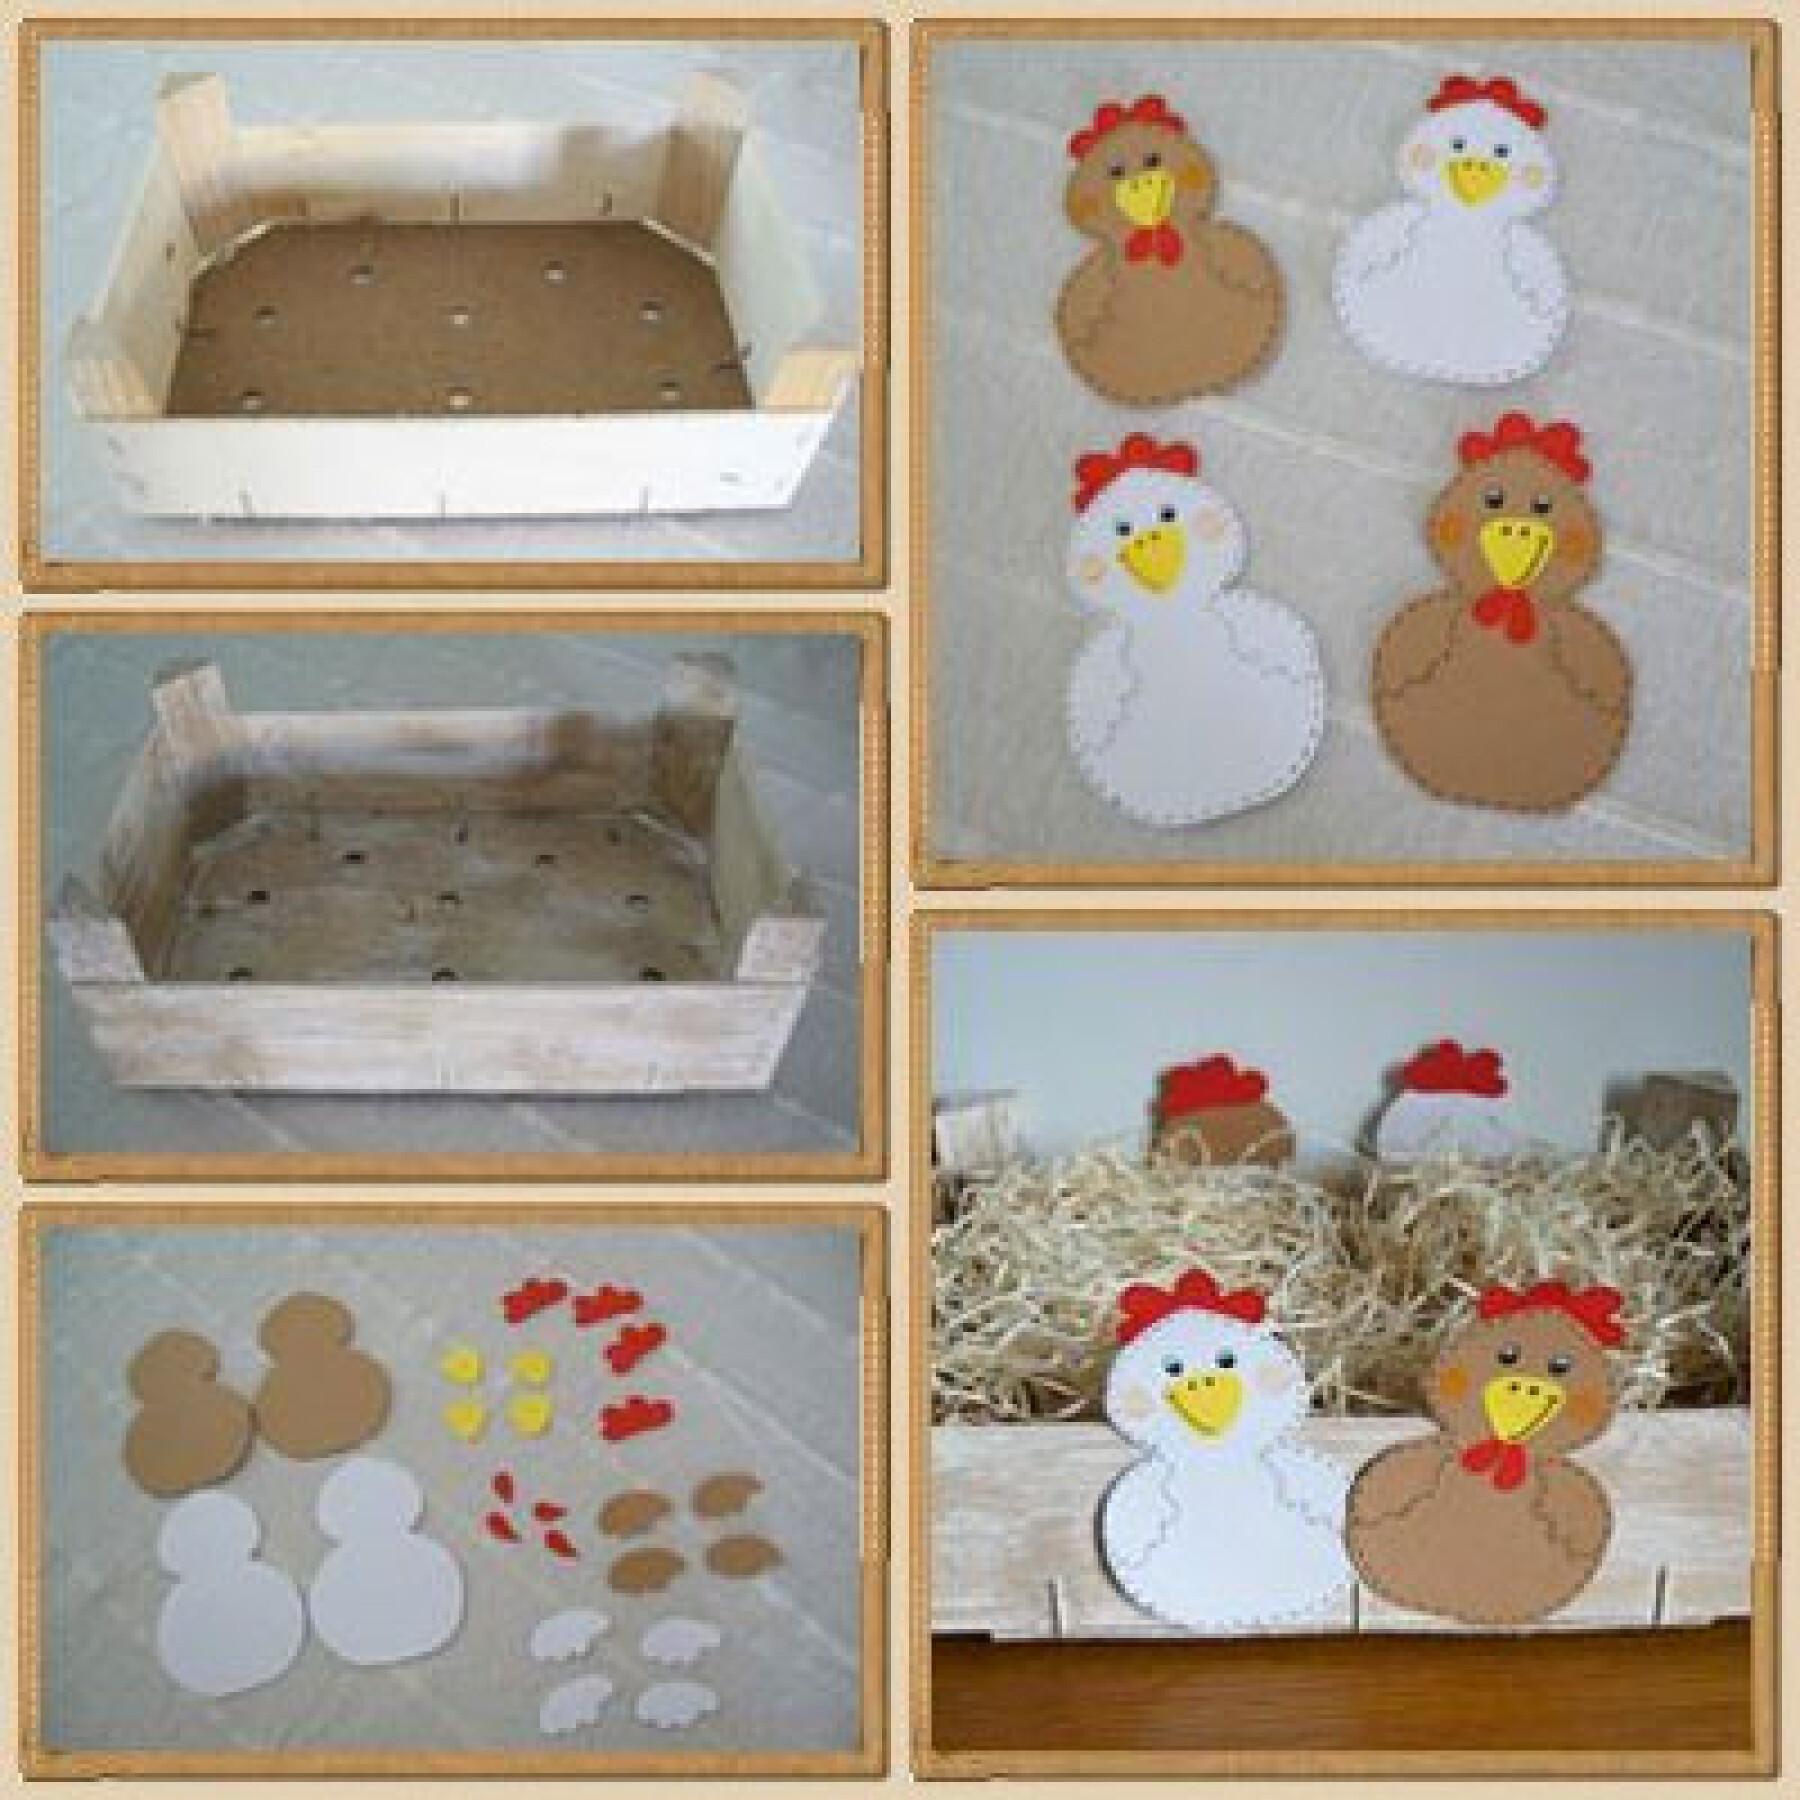 bricolage de panier de Pâques avec des cagettes